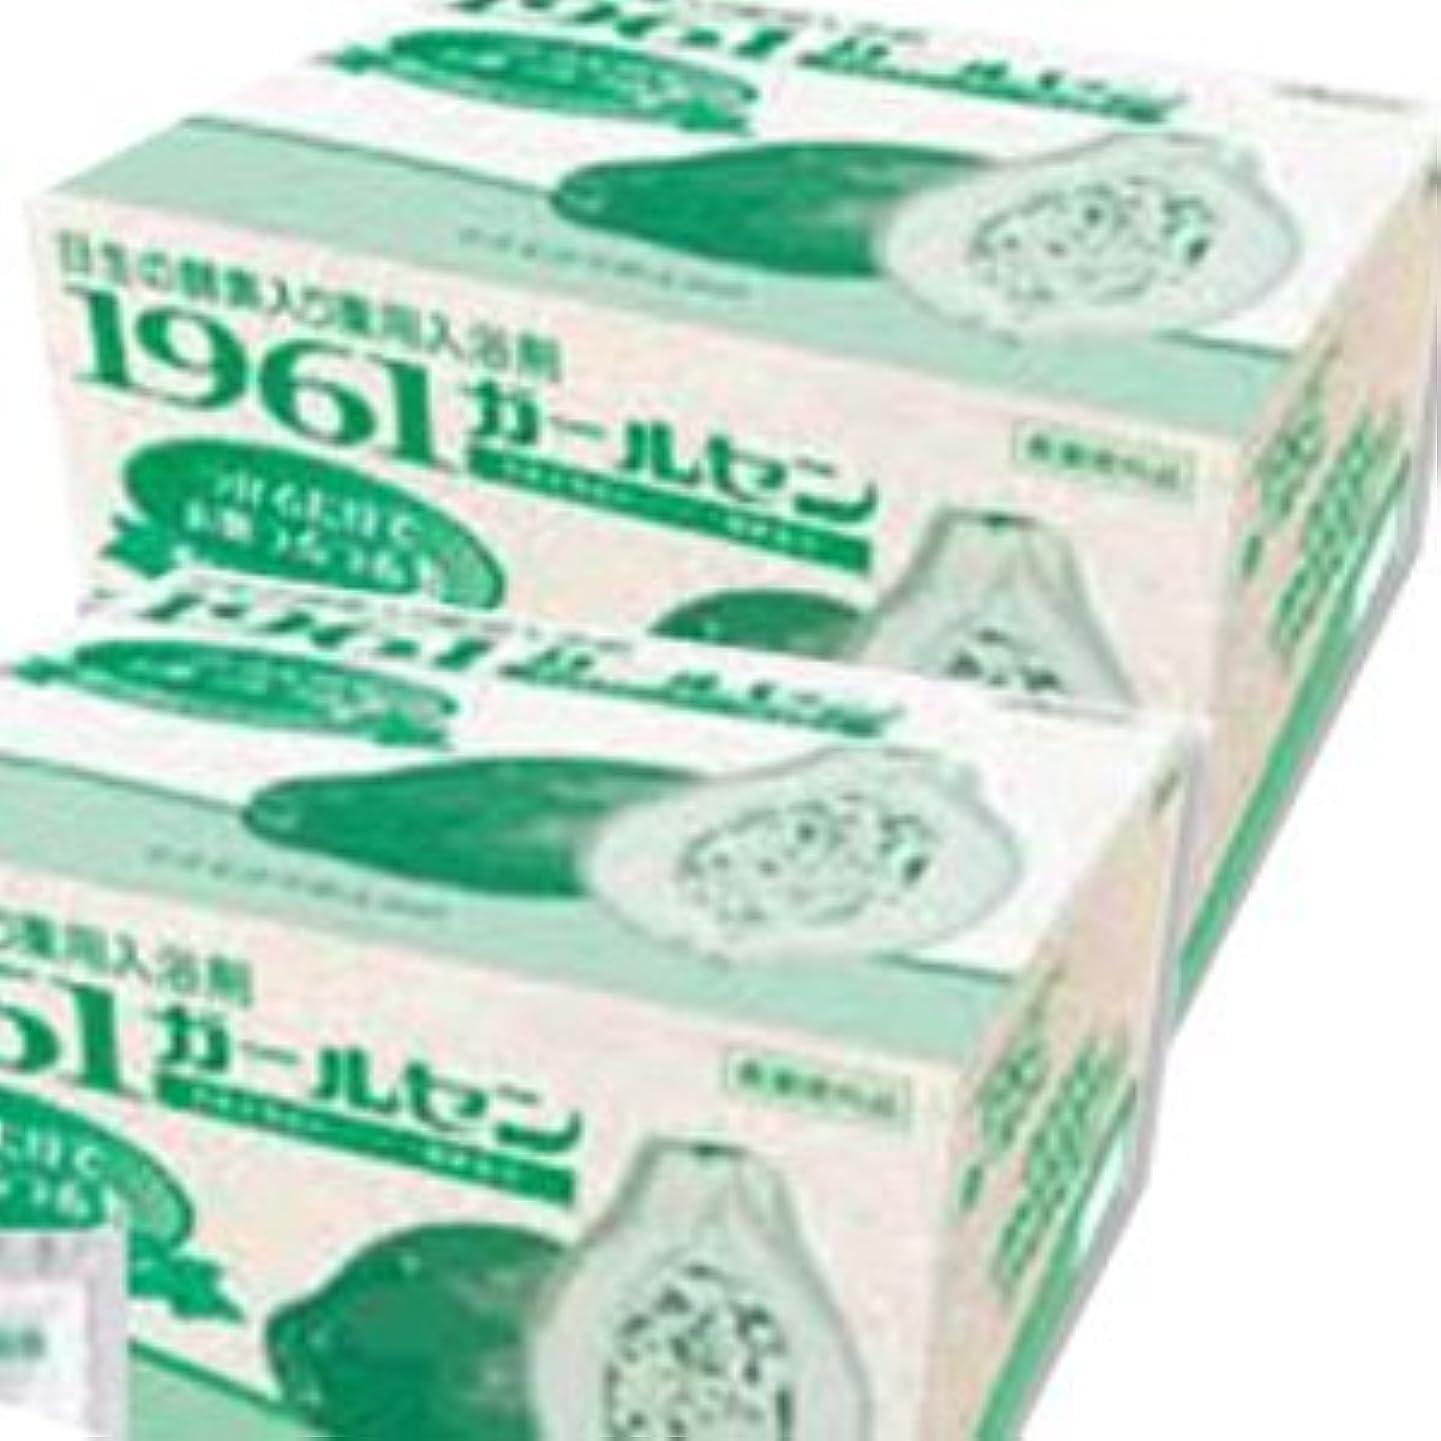 キュービックミンチ暴力的な日本生化学 薬用入浴剤 1961ガールセン (20g×60包)×2箱 (医薬部外品)